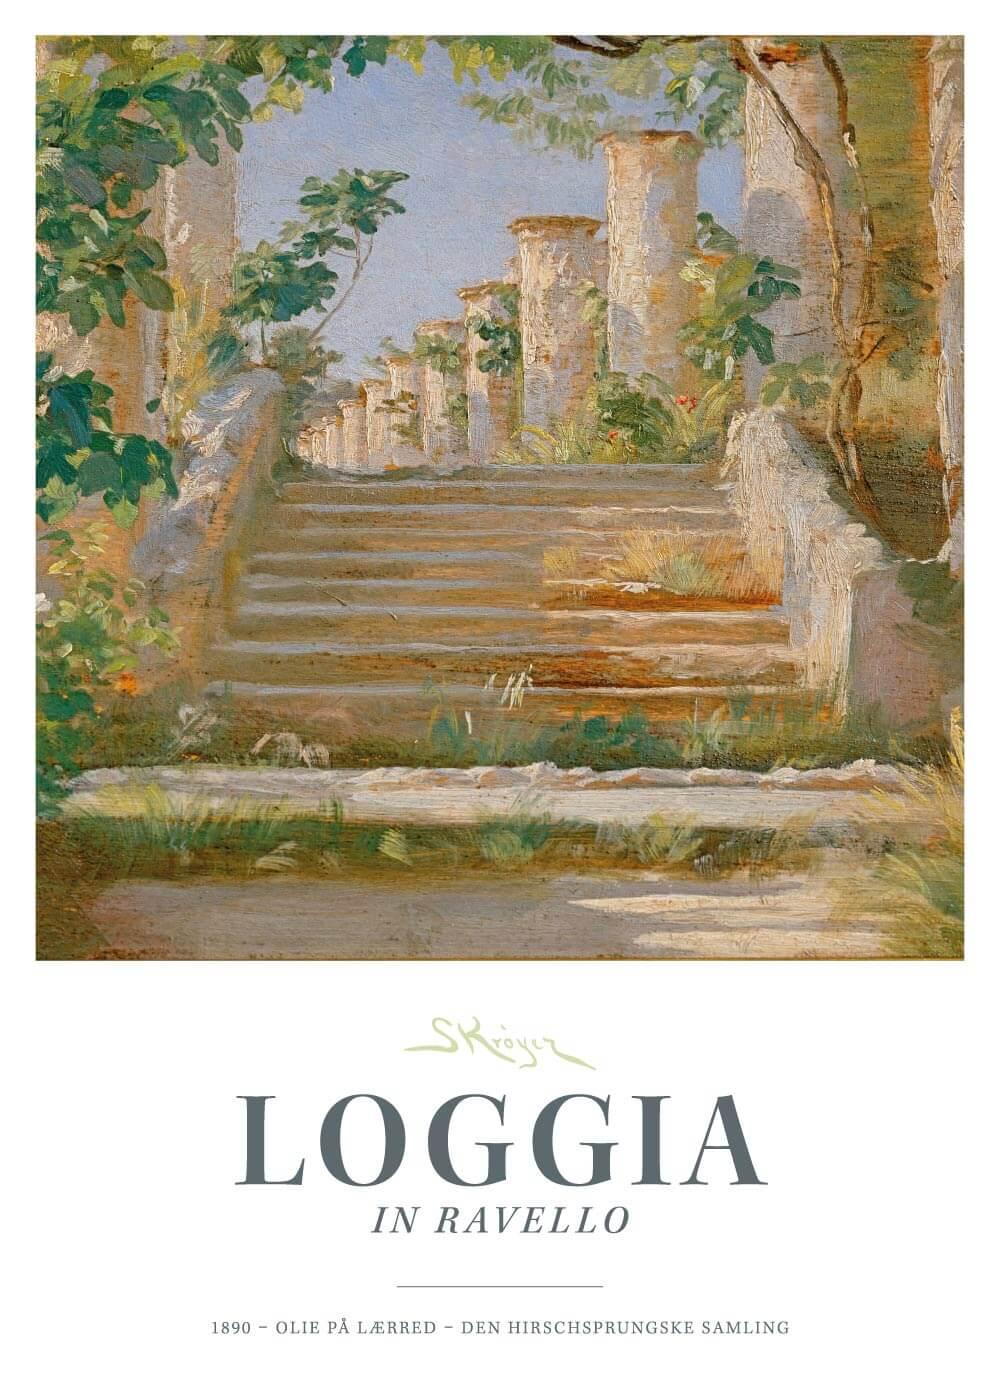 Loggia in Ravello - P.S. Krøyer plakat